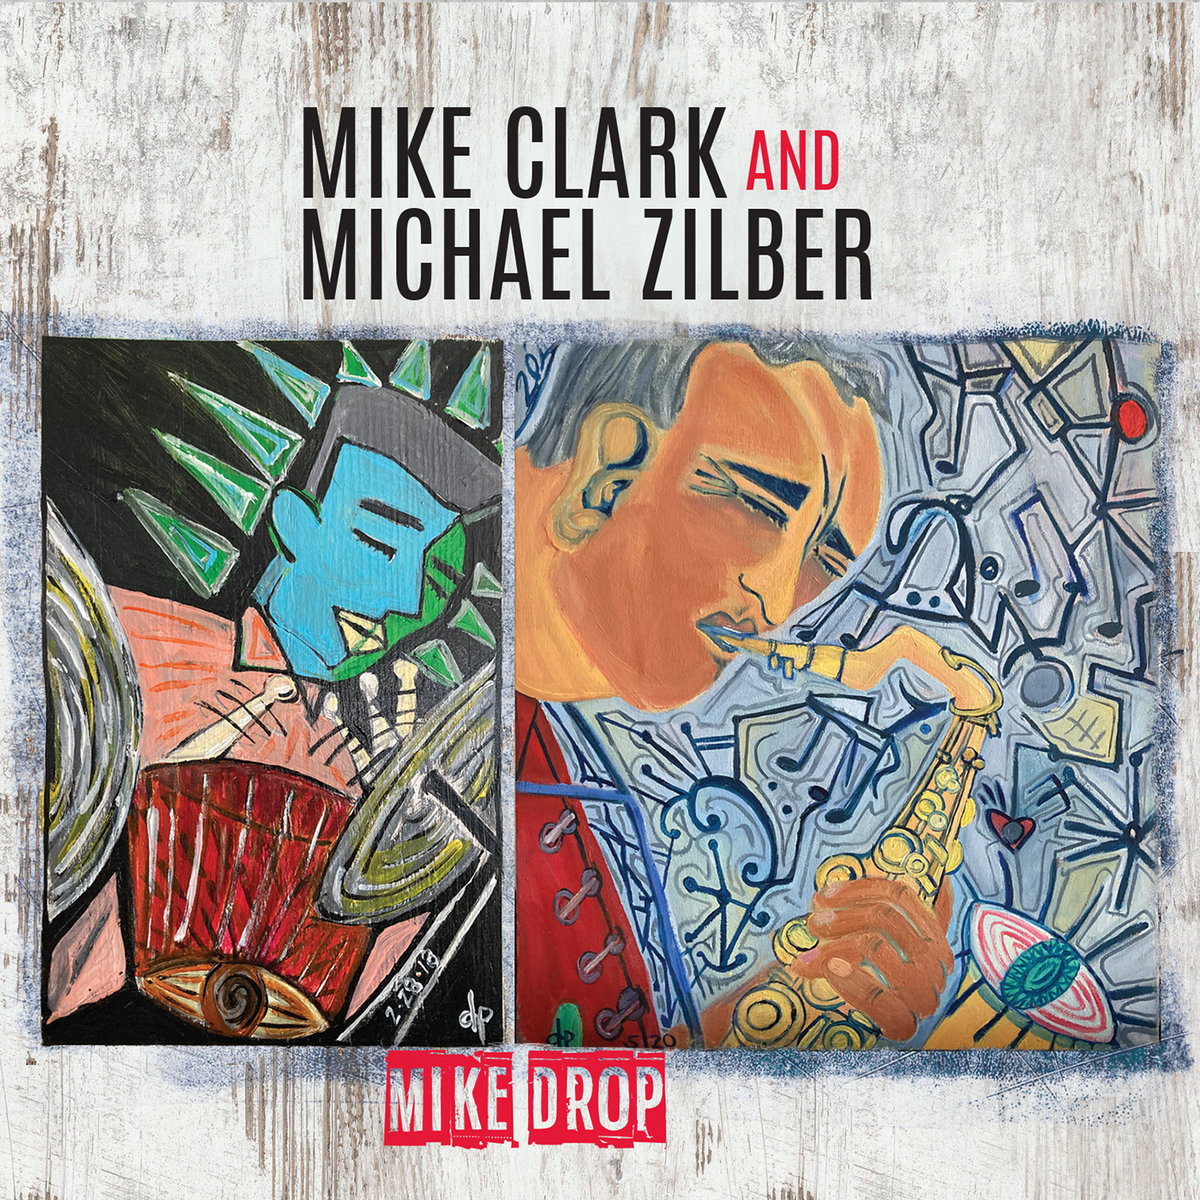 MIKE CLARK & MICHAEL ZILBER - Mike Drop